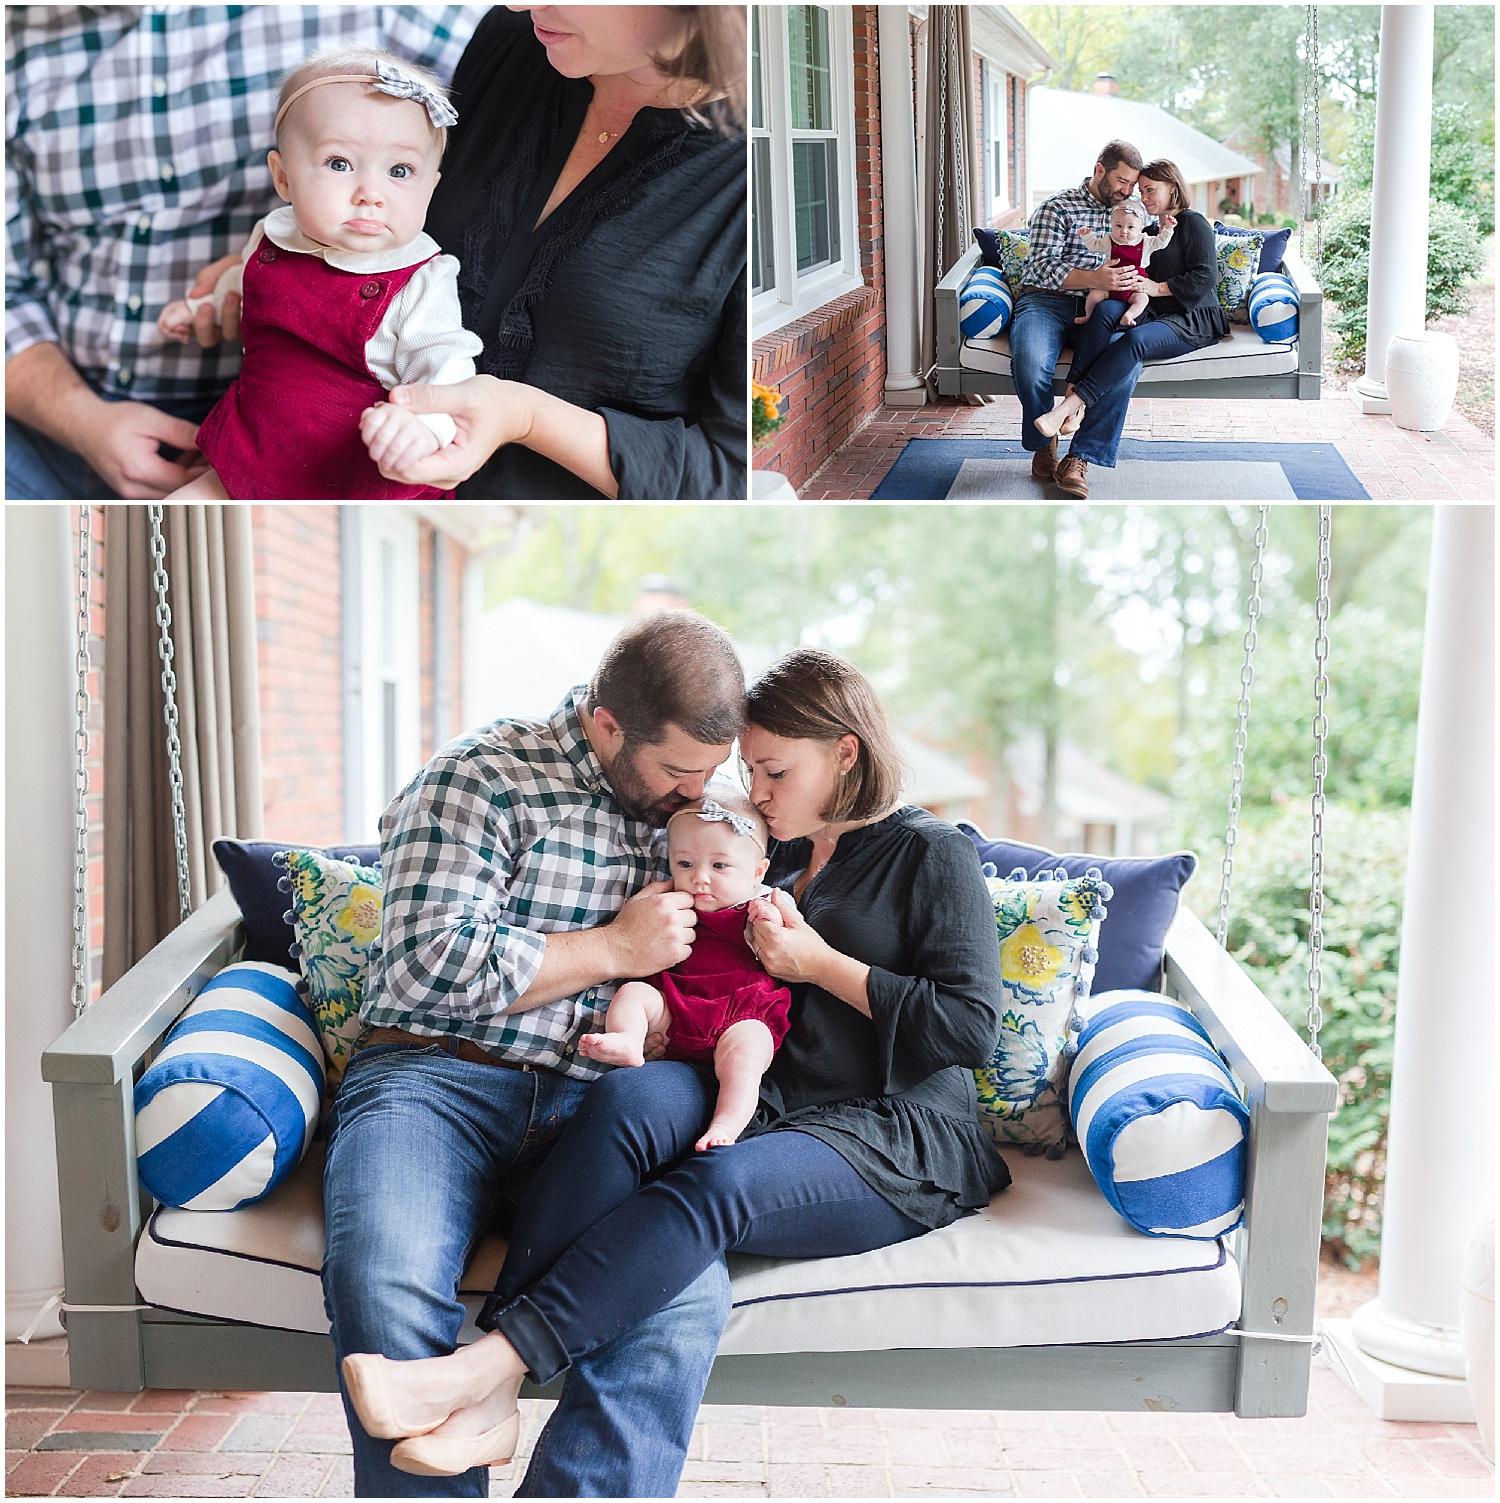 Family_Photos_at_home_Greenville_171012_Family_Gossett_030_stomp.jpg